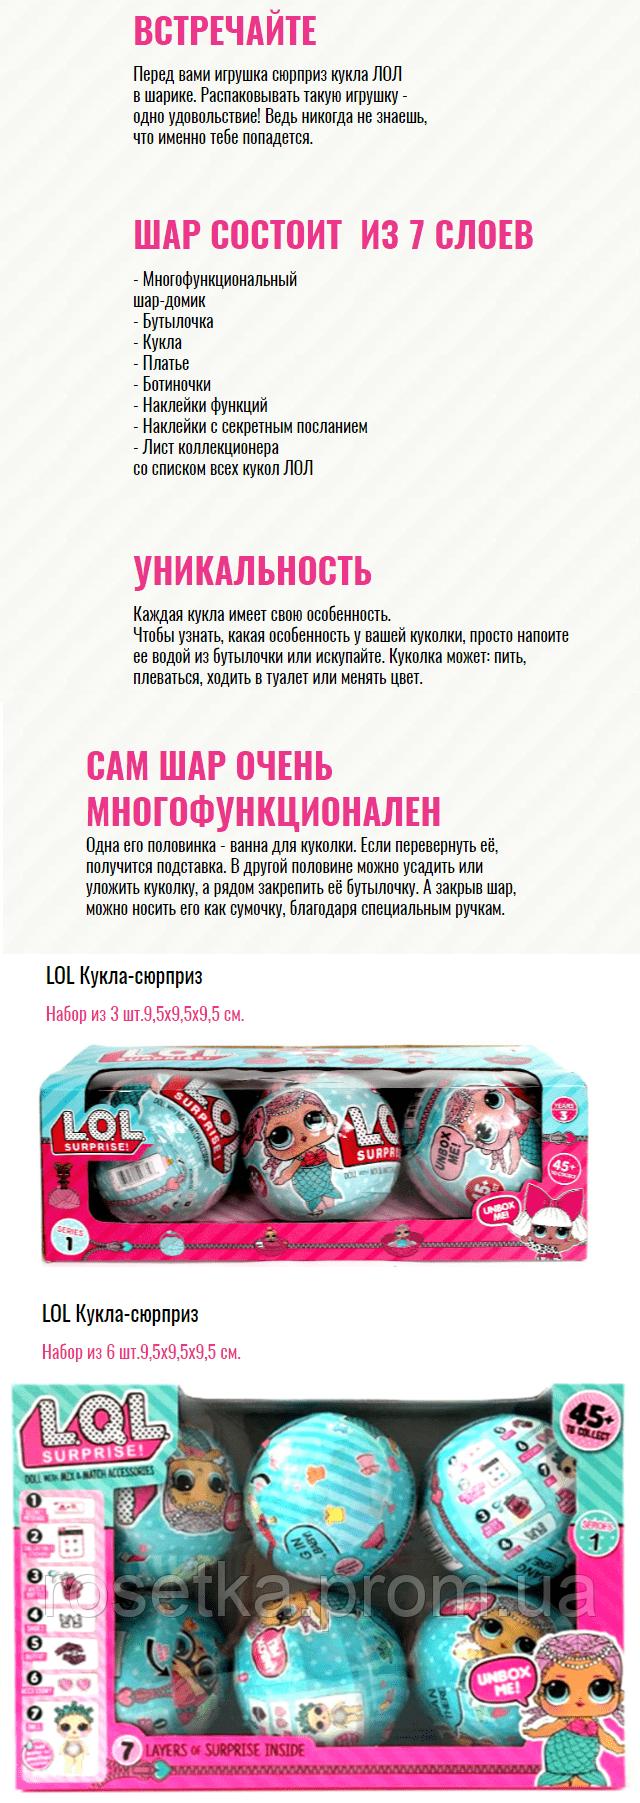 лялька-сюрприз в кульці LOL Surprise.